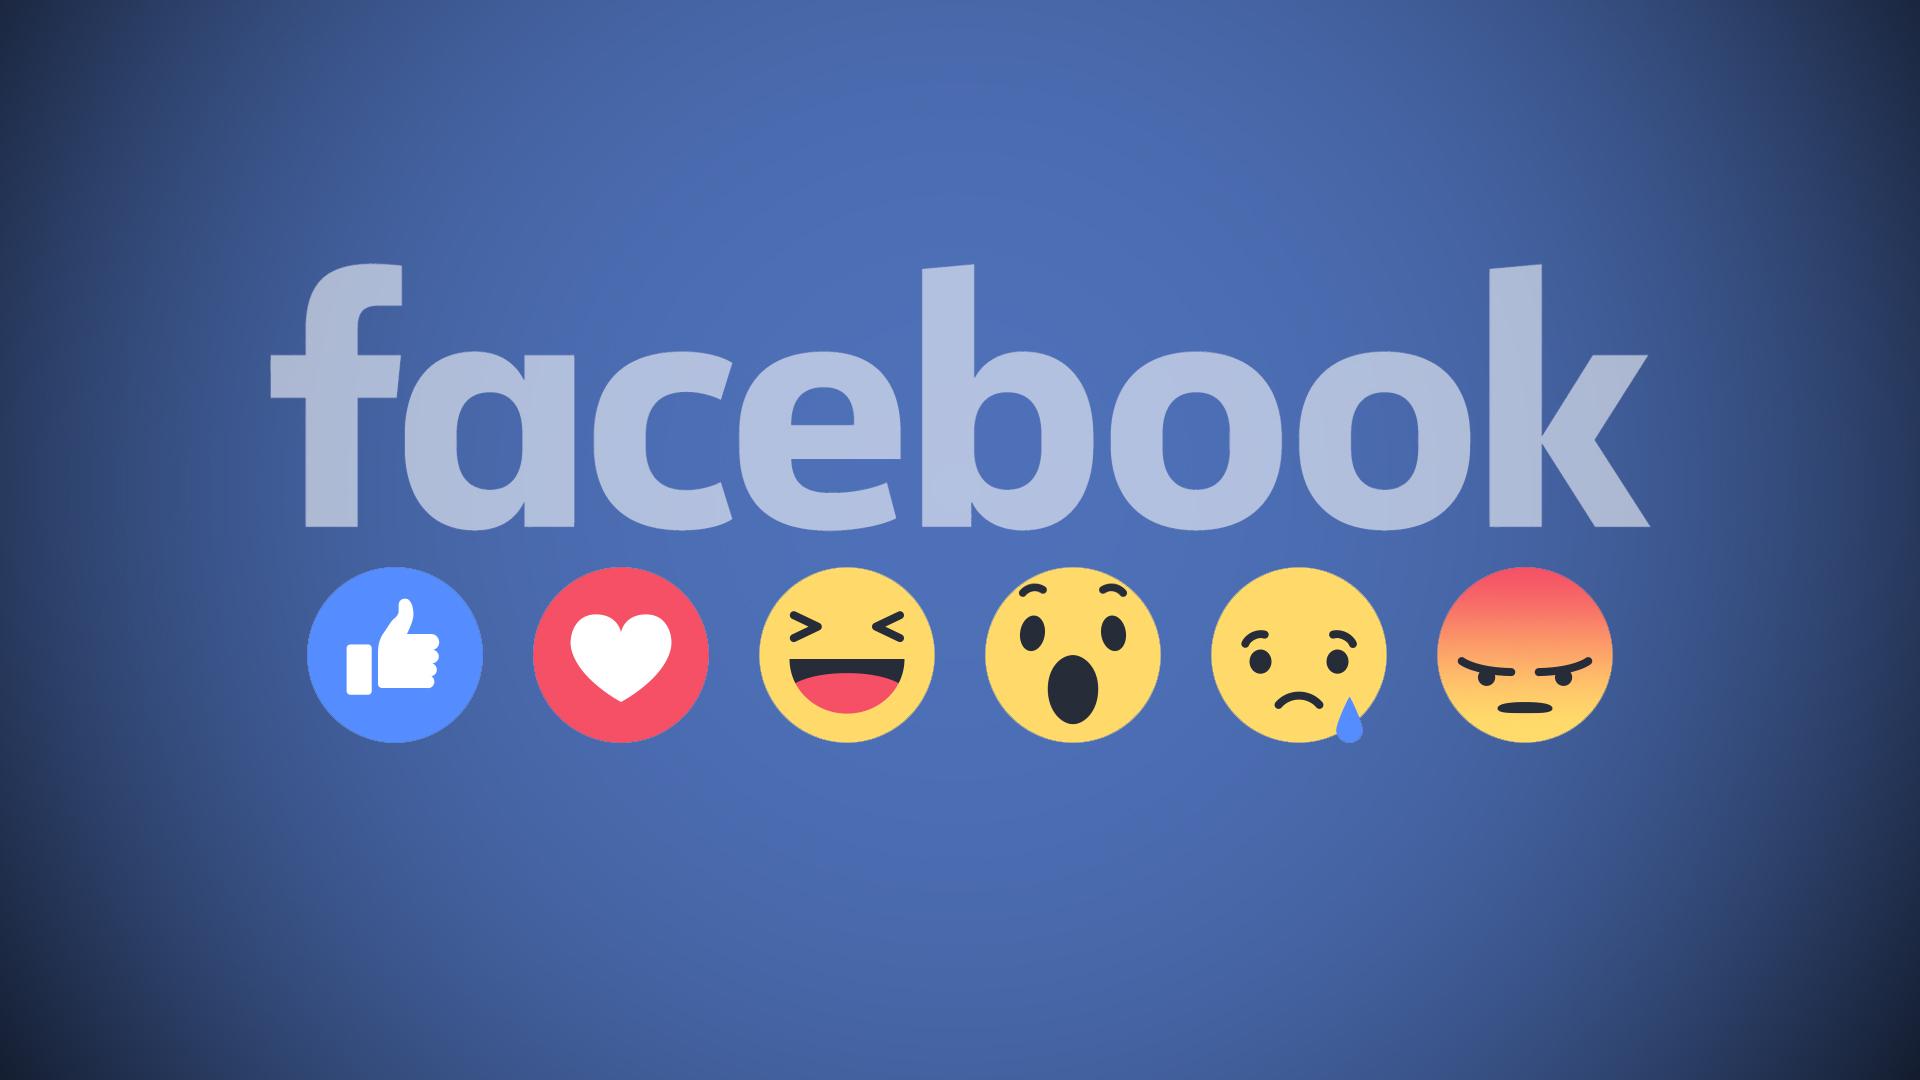 Стальной facebook от readmetal